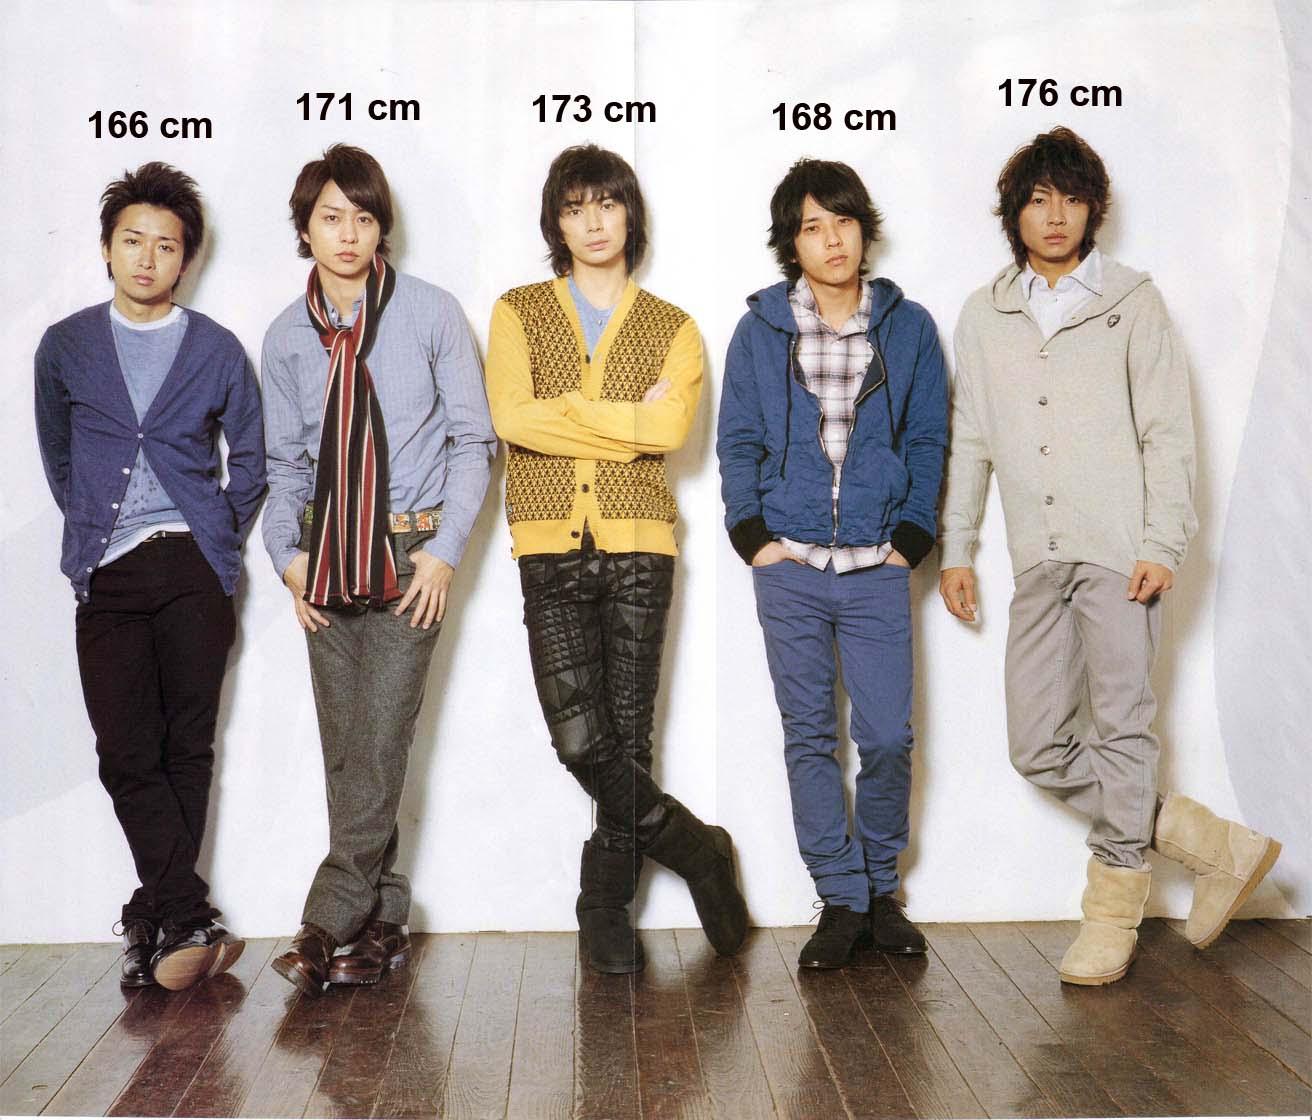 185 cm in feet